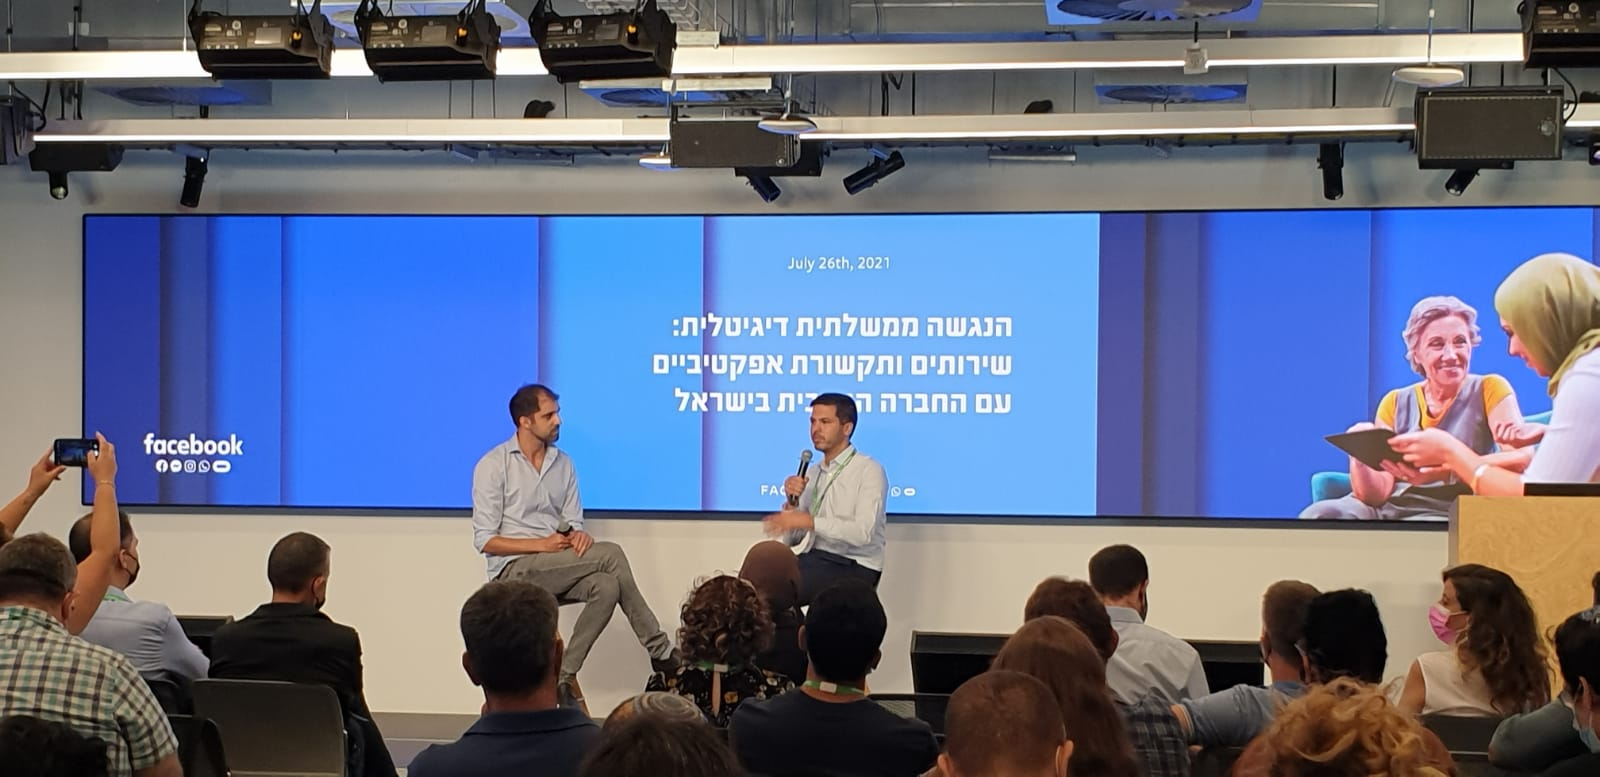 חסאן טואפרה, ראש הרשות לפיתוח כלכלי של החברה הערבית, בכנס של פייסבוק ישראל / צילום: דוברות המשרד לשוויון חברתי